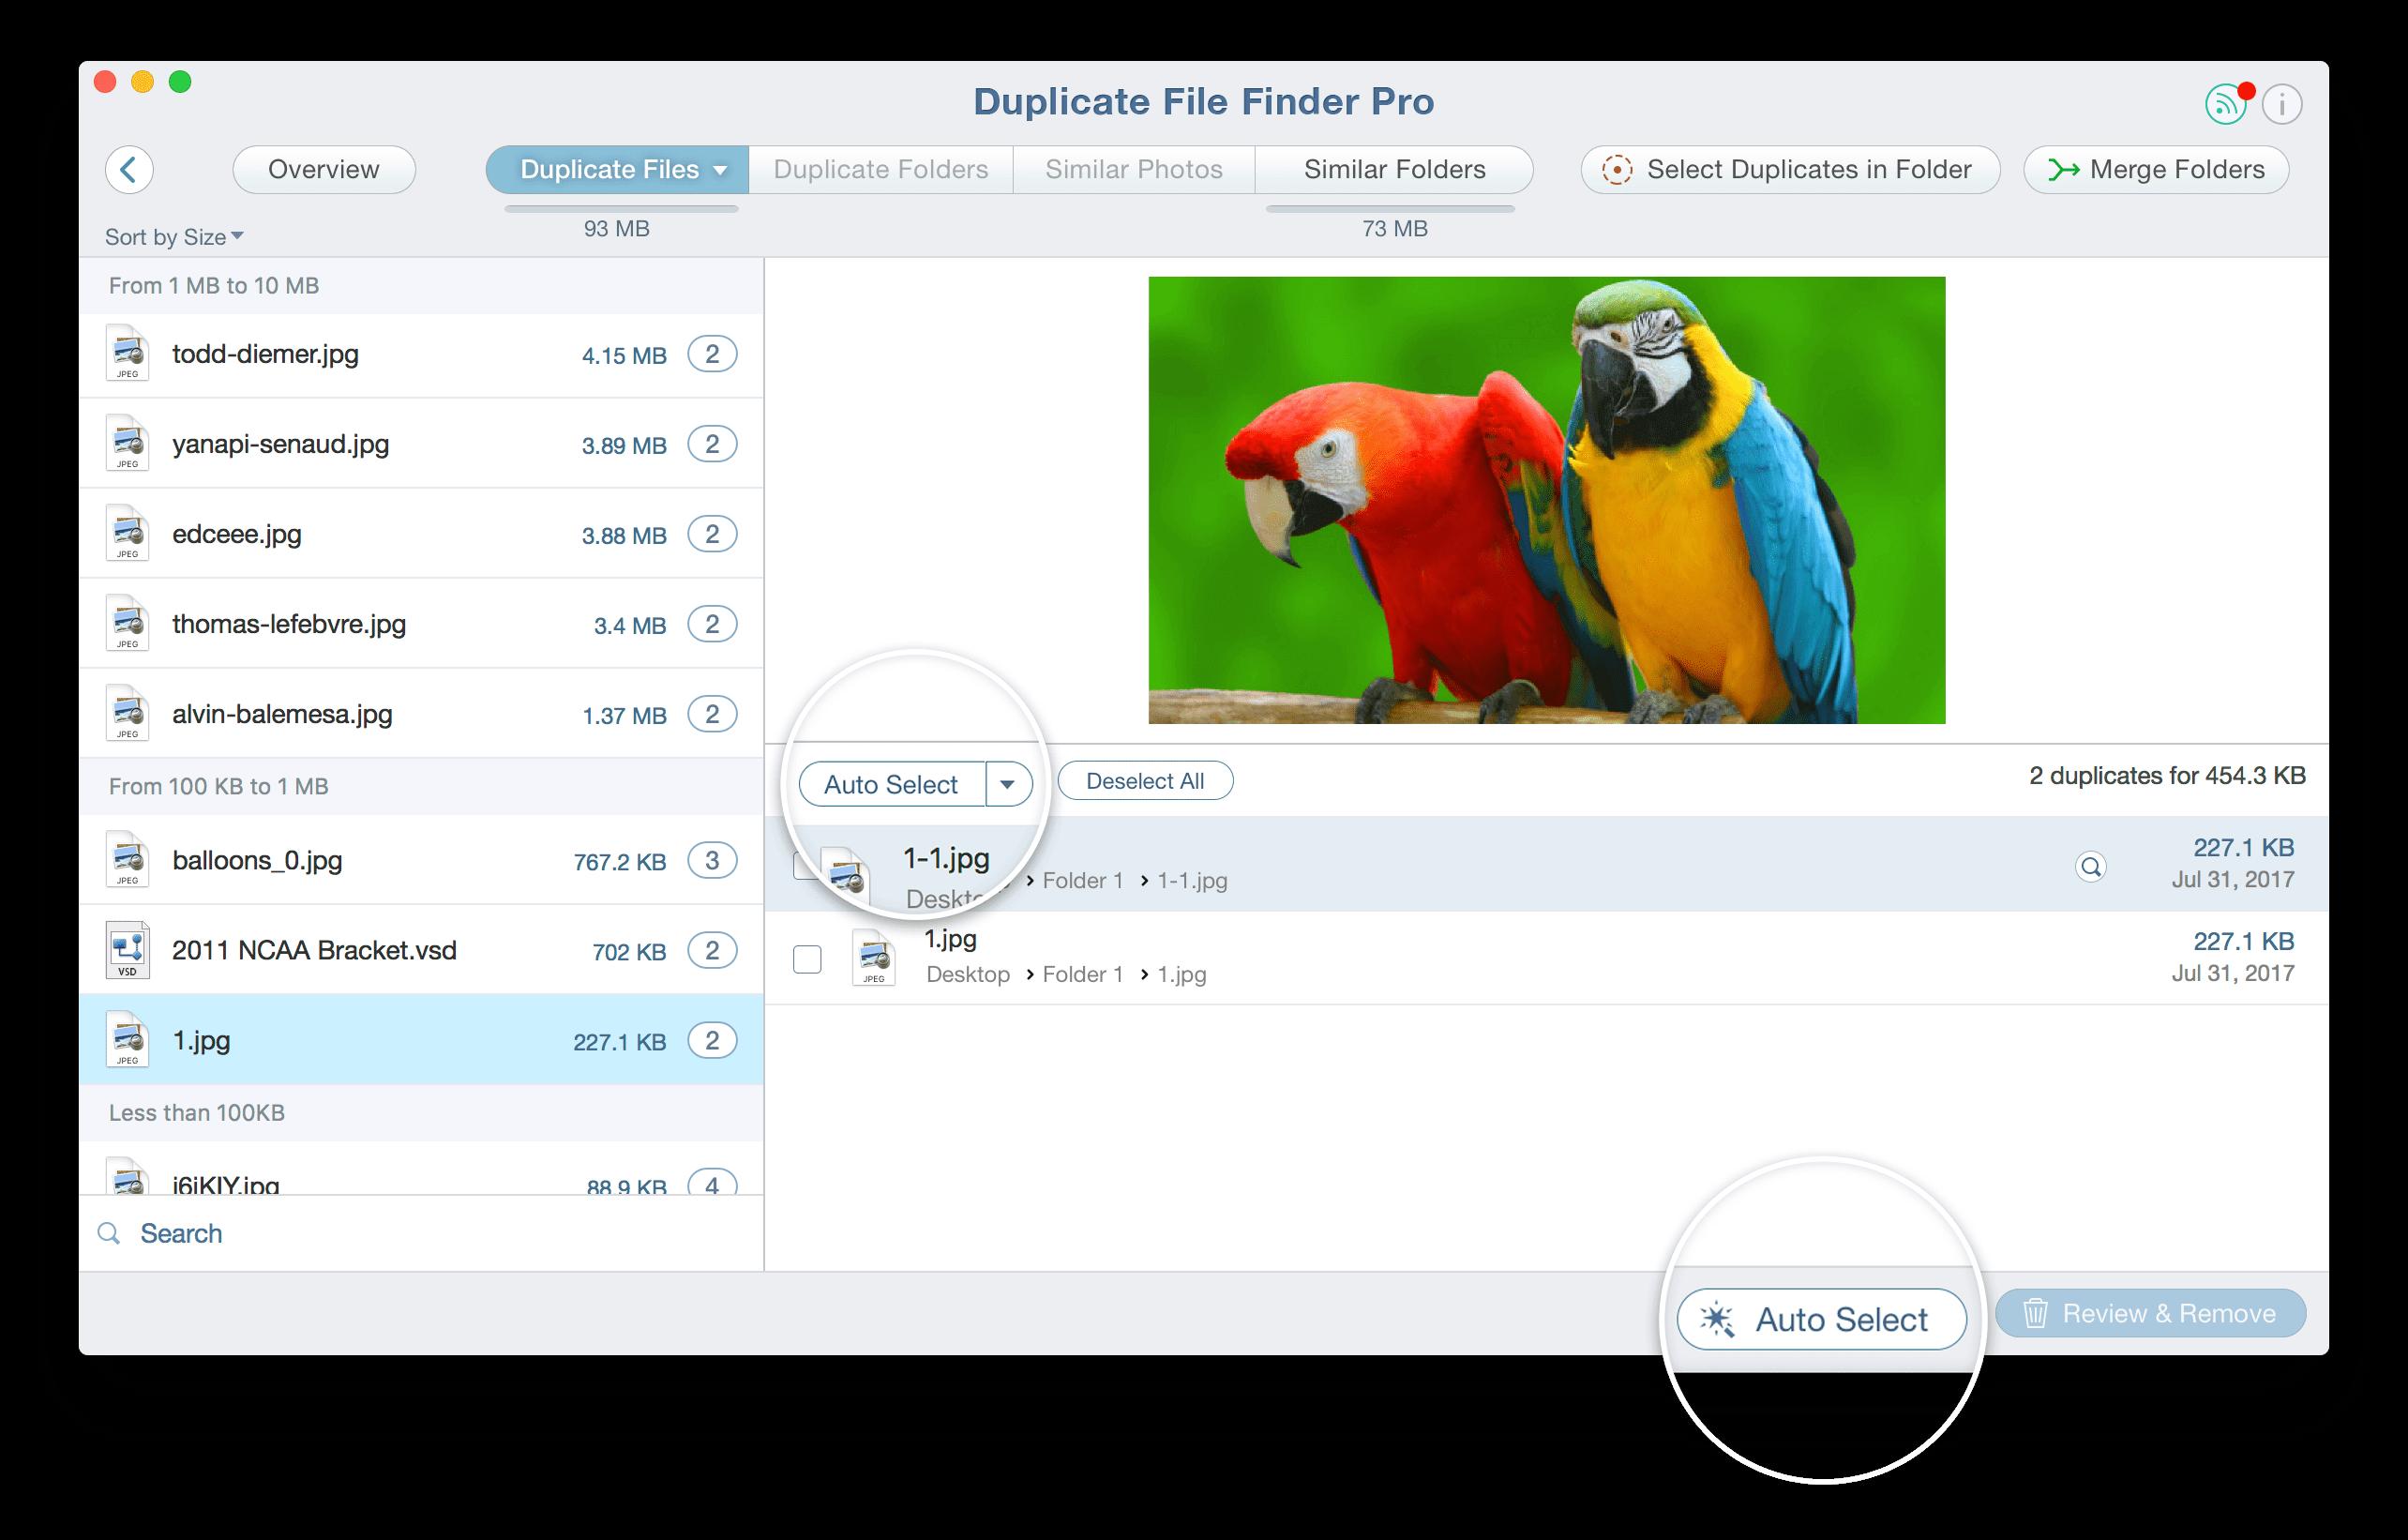 Select duplicate files